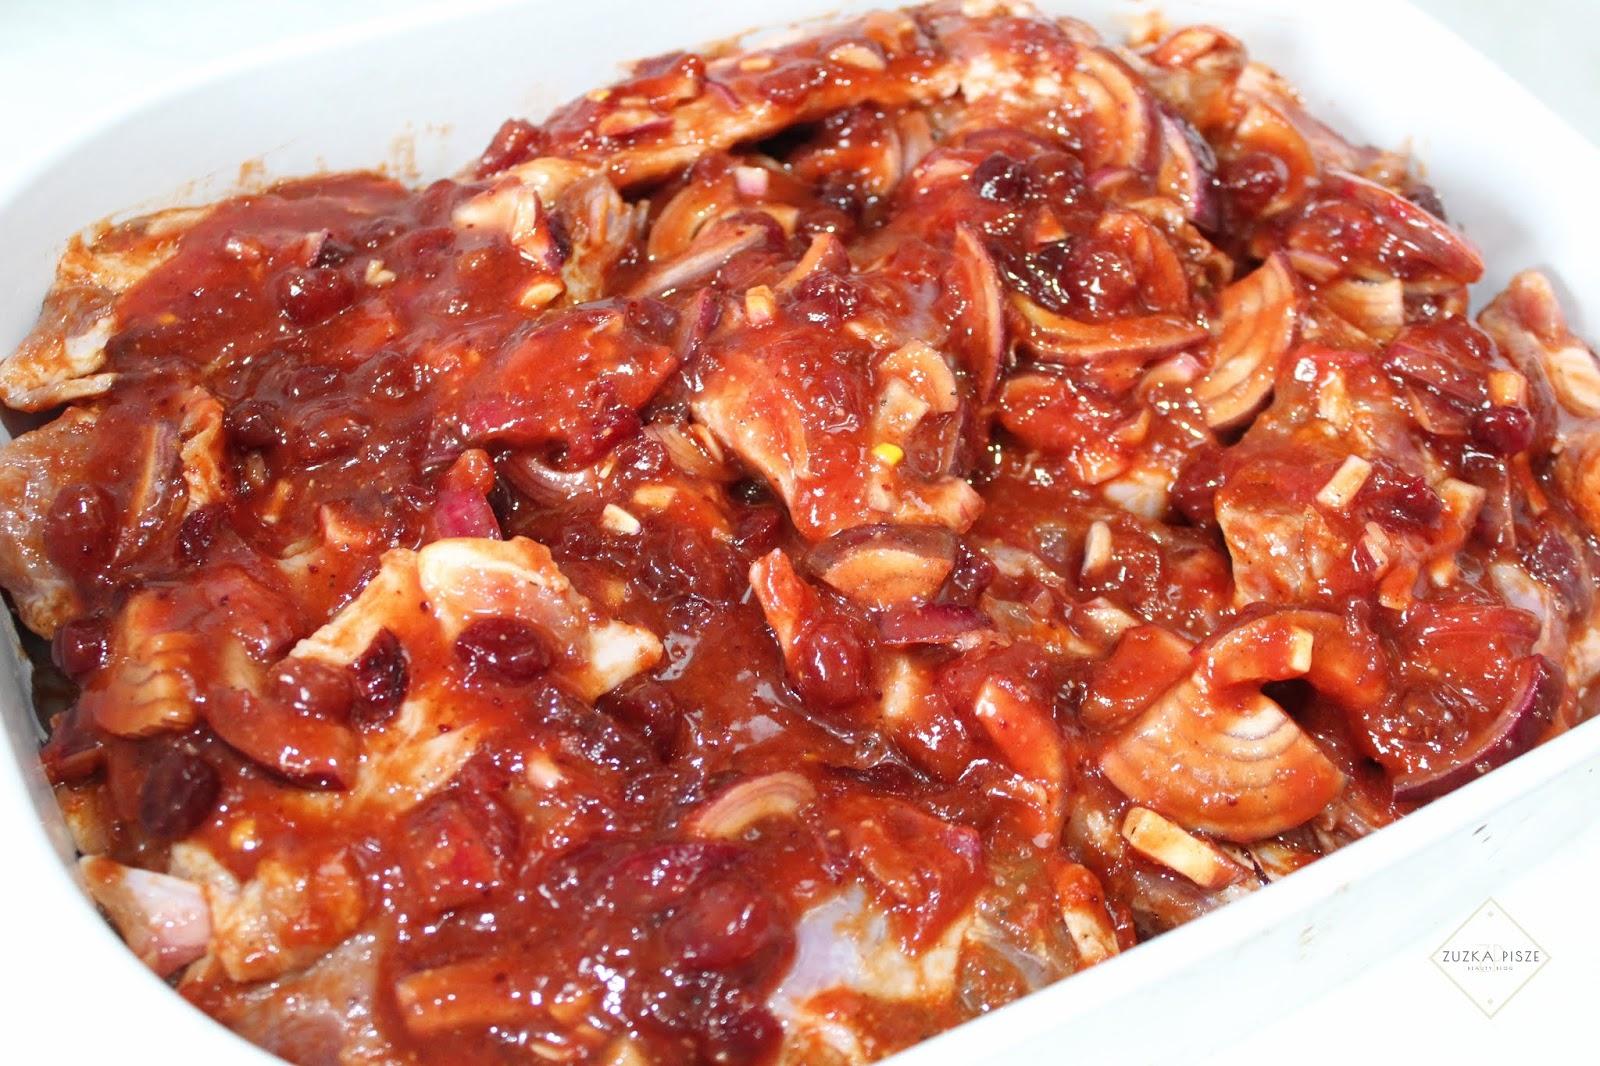 Żeberka pieczone w sosie żurawinowo-kethupowym z czerwoną cebulą - przepis